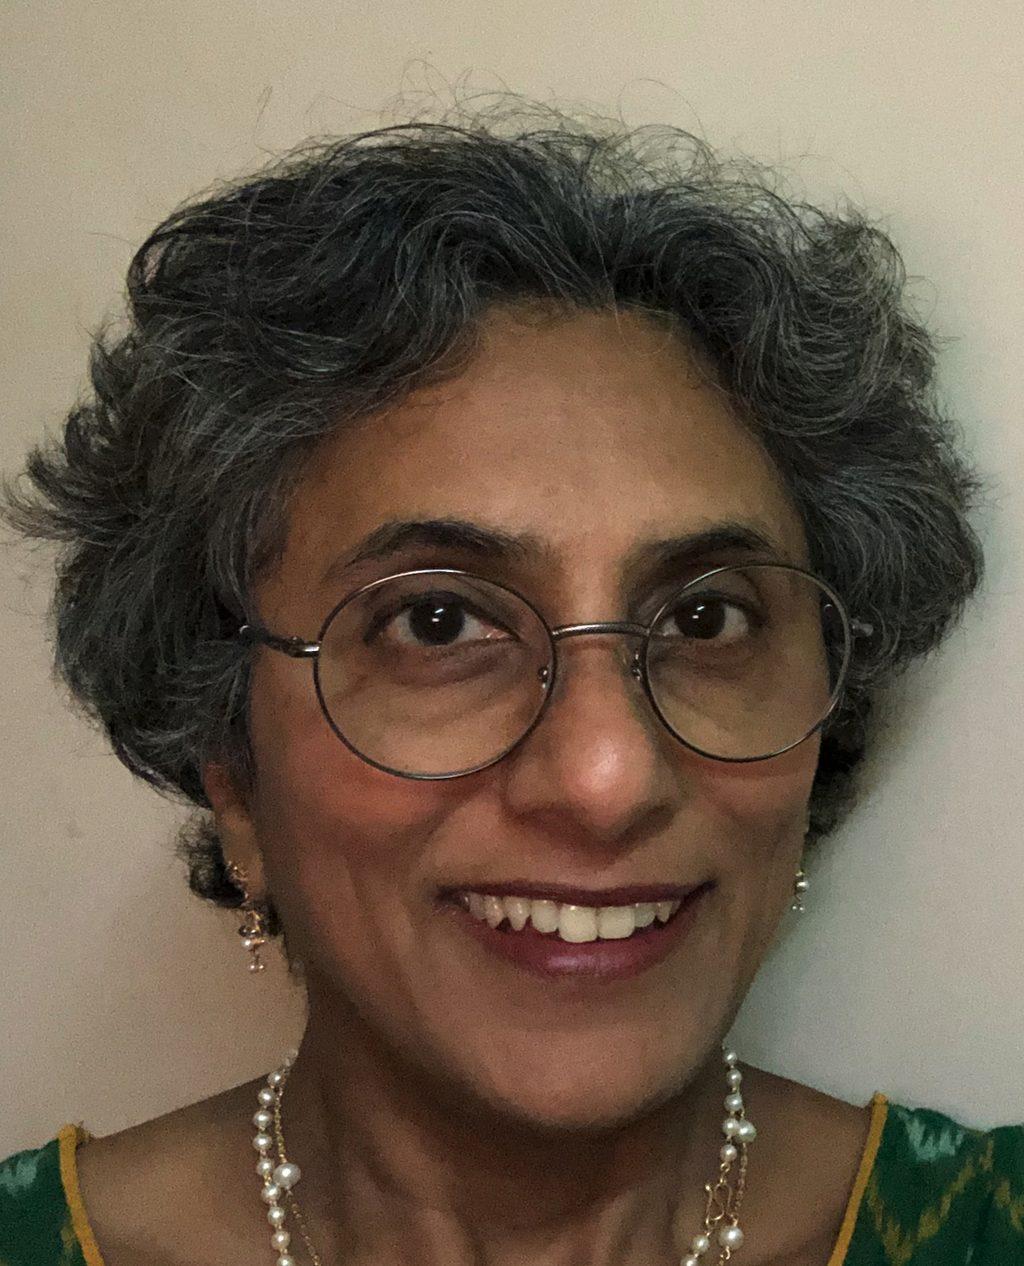 Malini Bhandaru Headshot